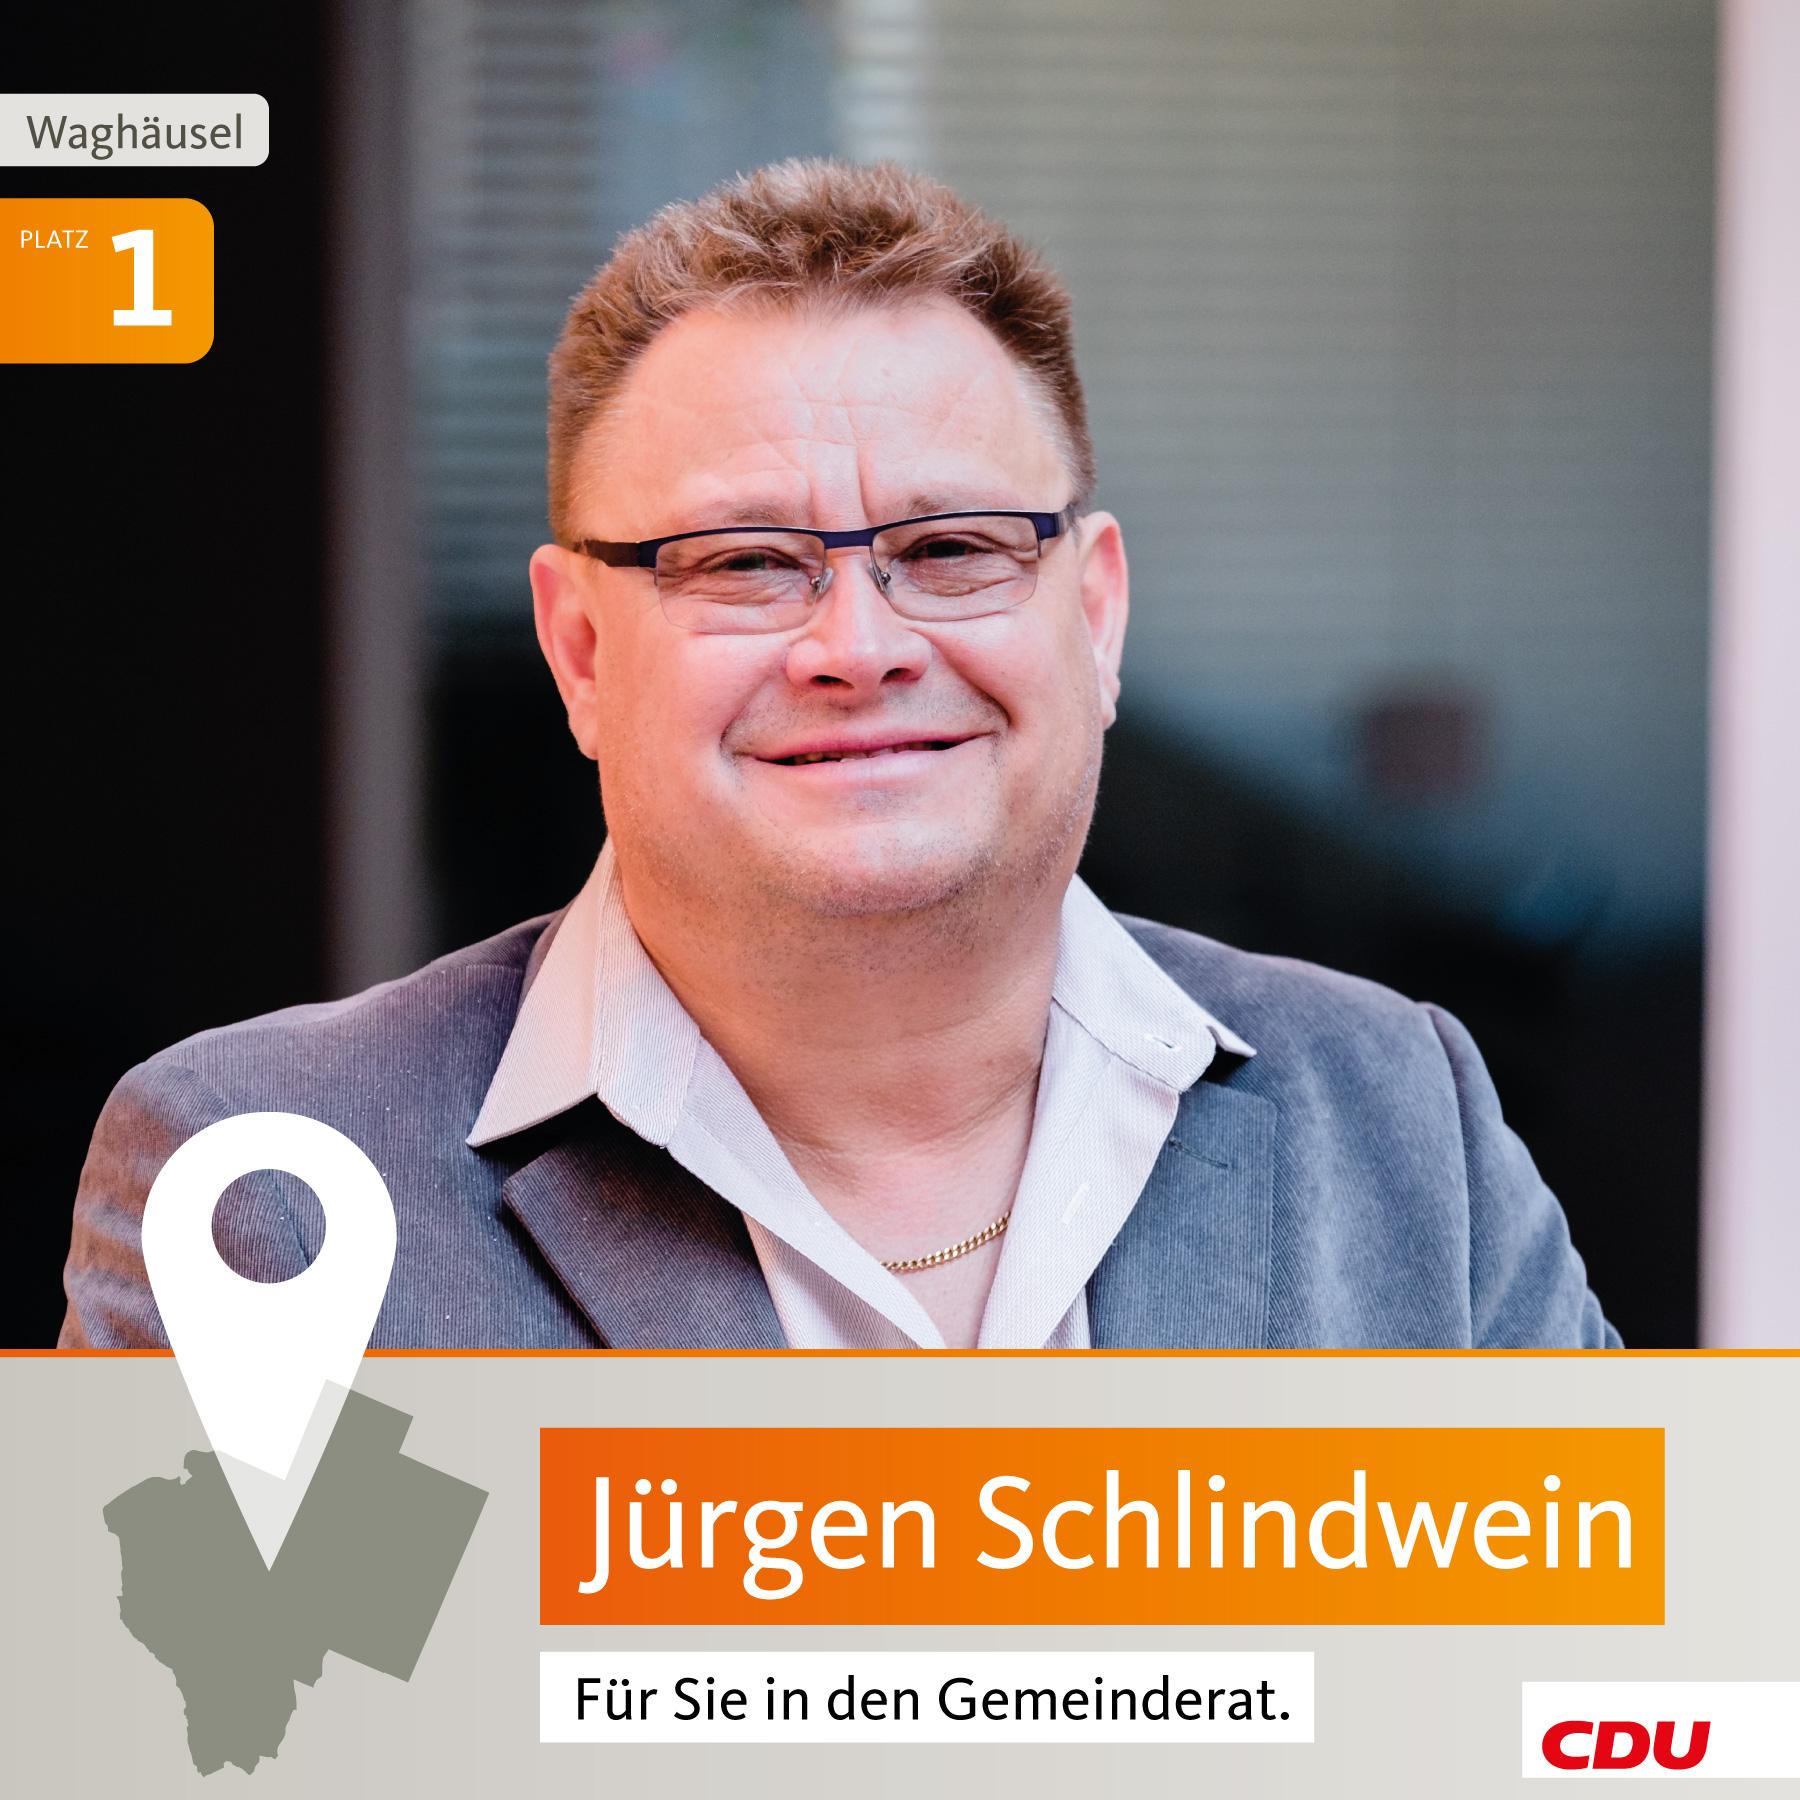 Jürgen Schlindwein